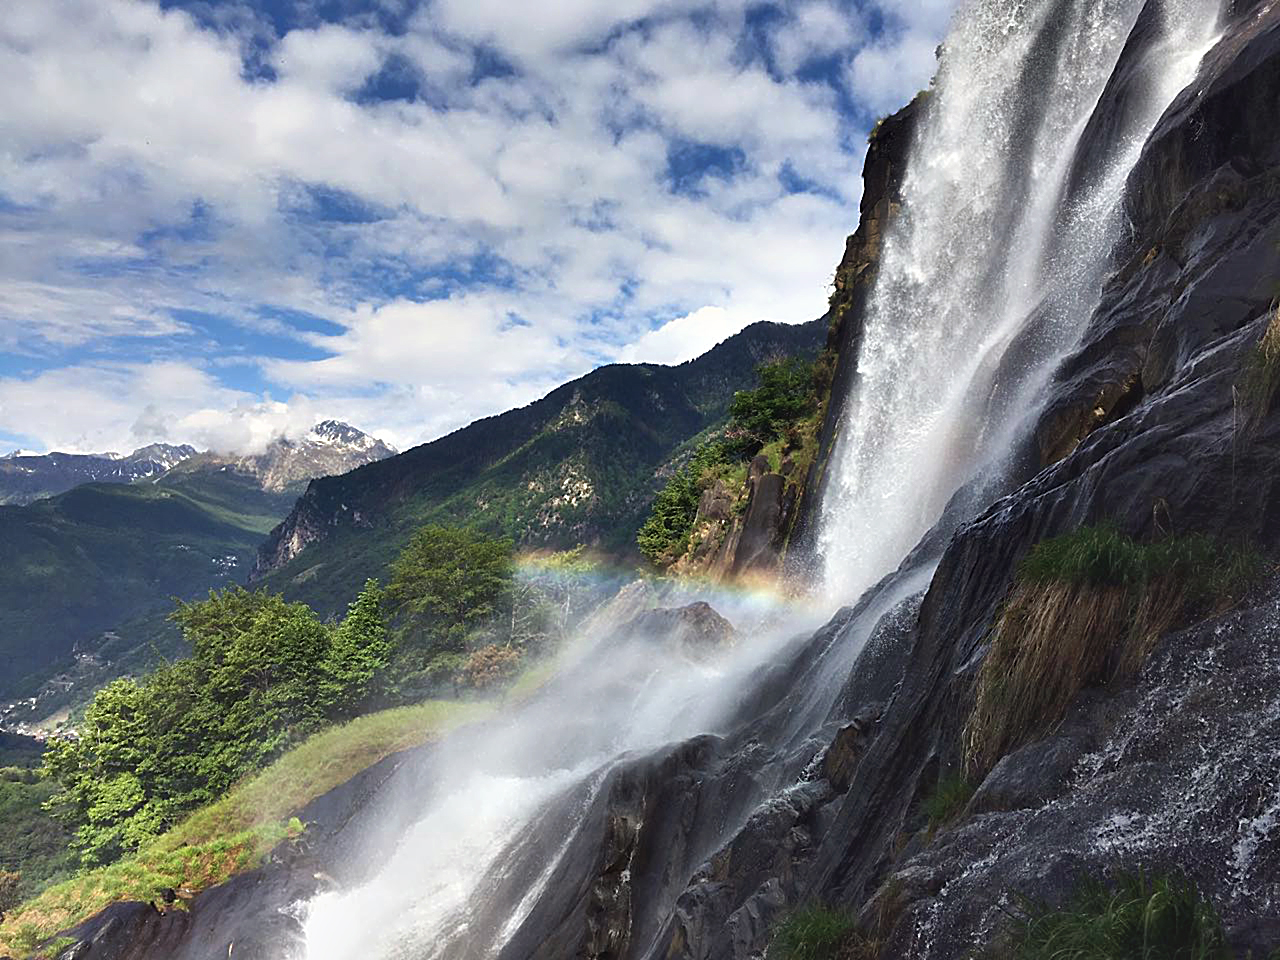 Wasserfall Aquafraggia